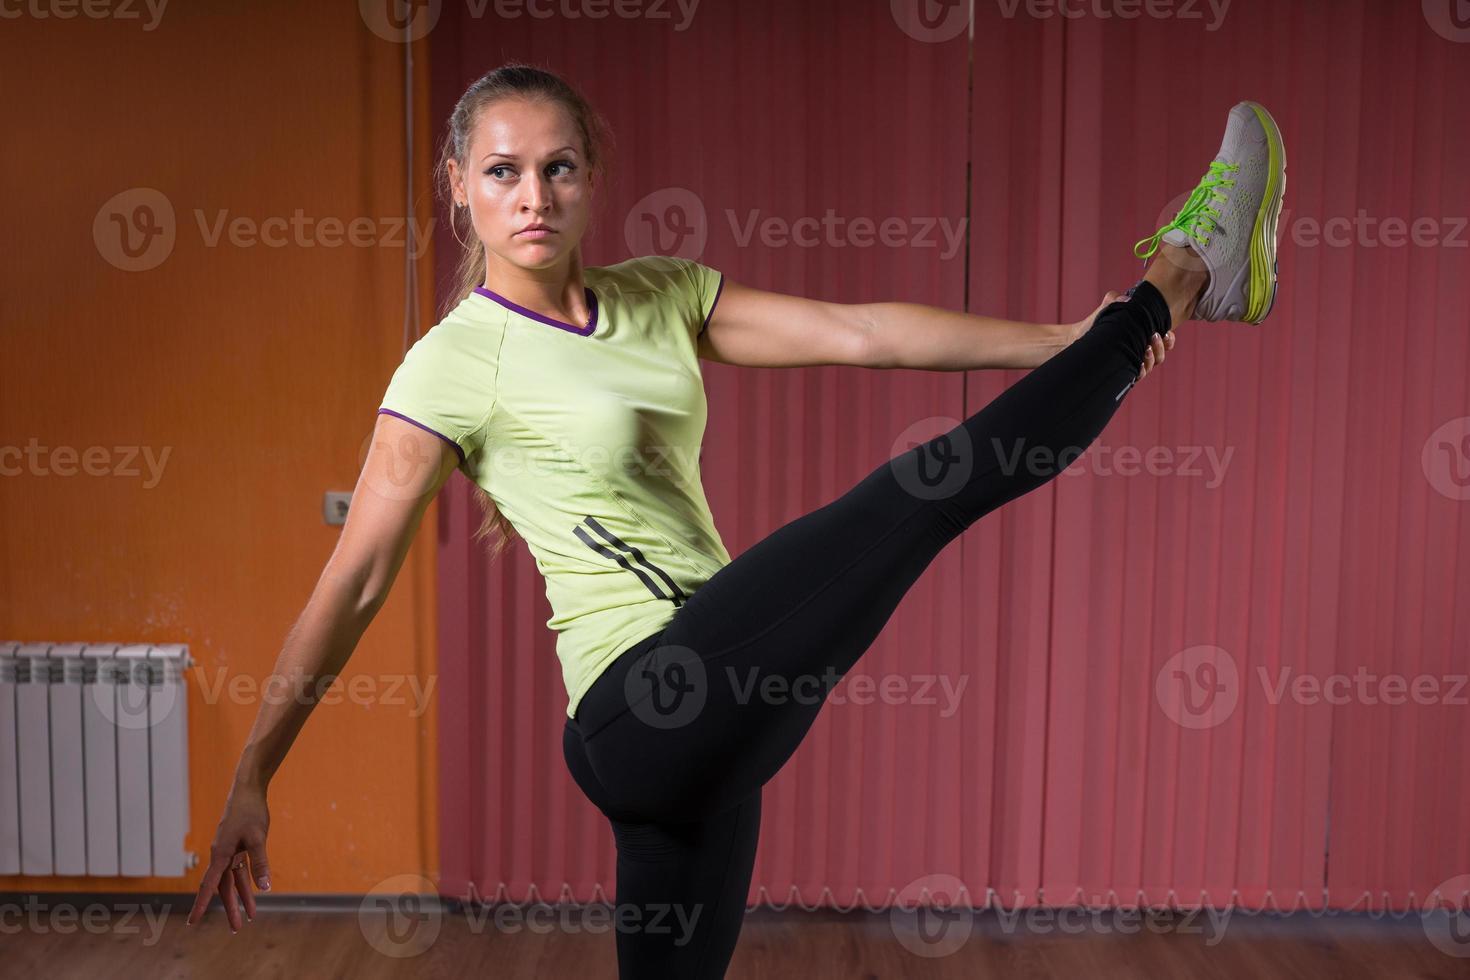 adatta giovane donna che allunga la gamba in aria foto